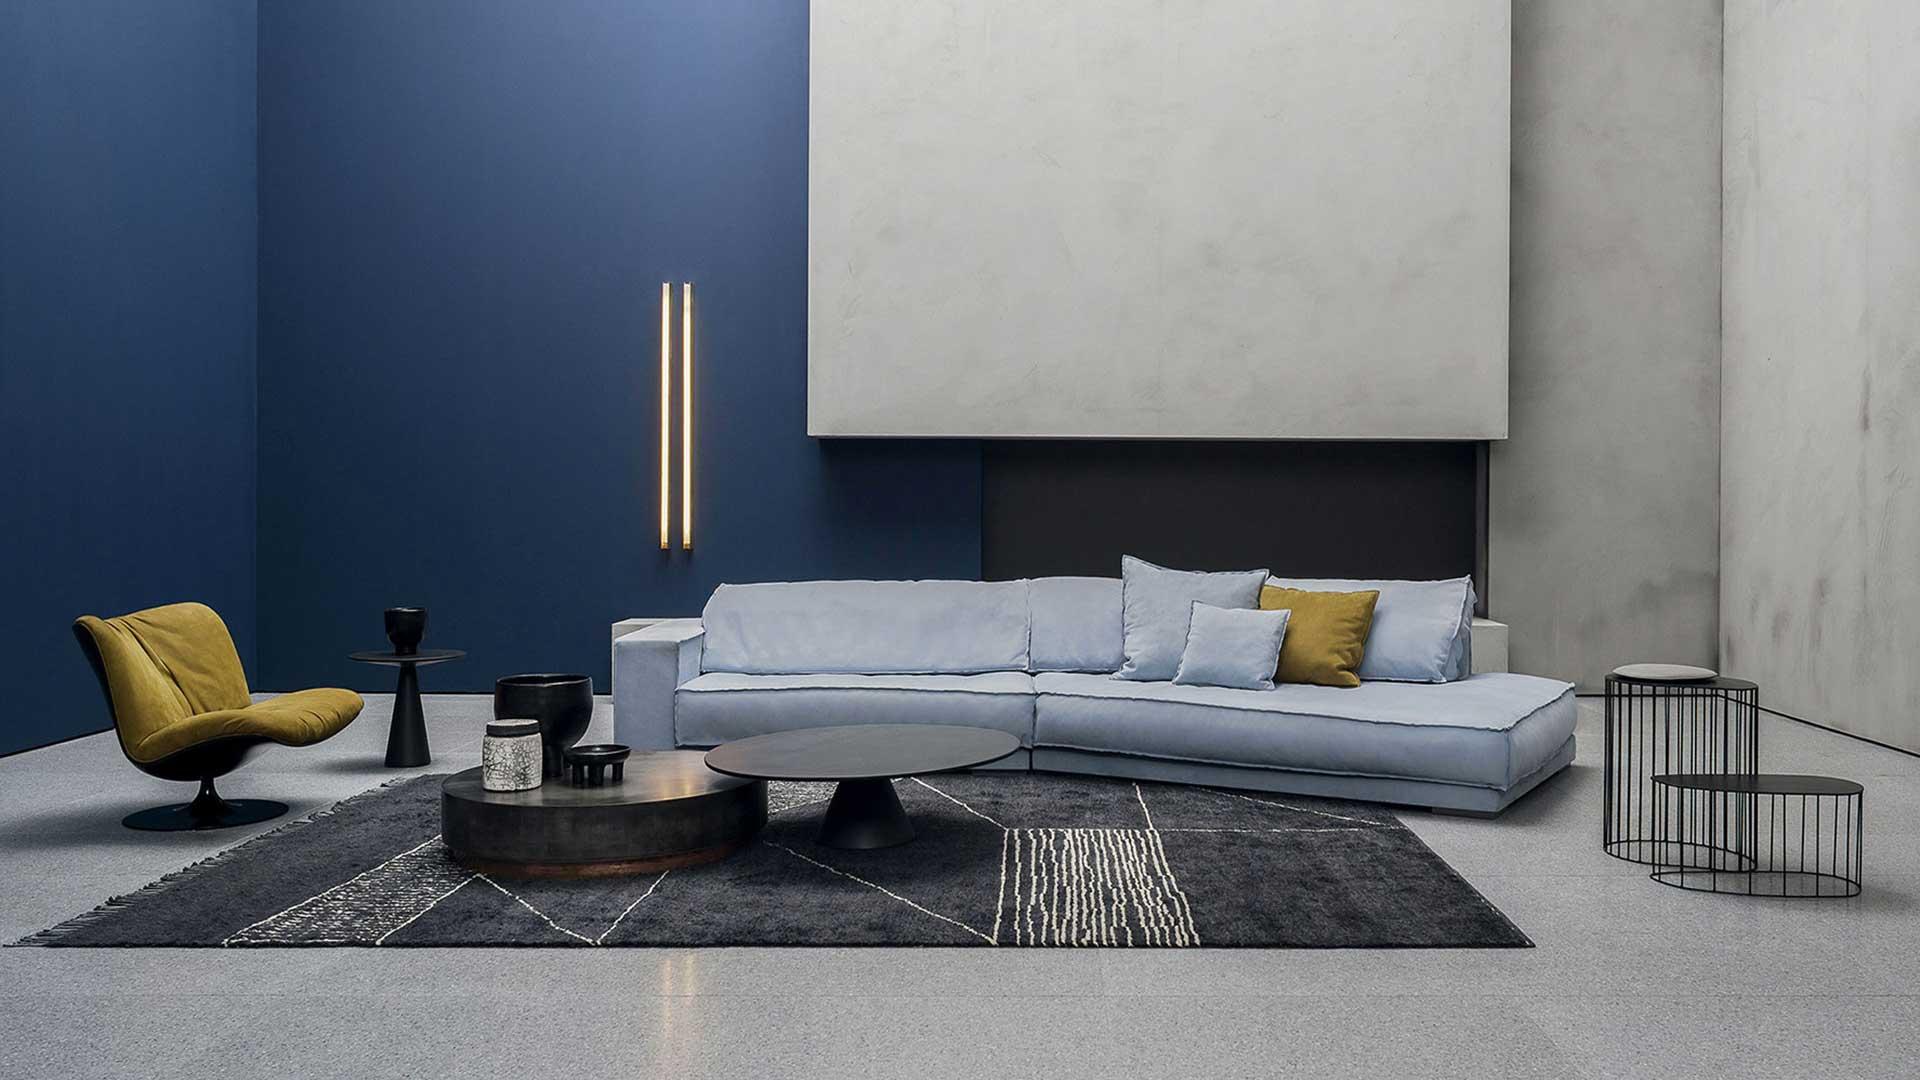 Soggiorno Con Divano Grigio Scuro guida colori pareti del salotto: le gradazioni del blu e azzurro